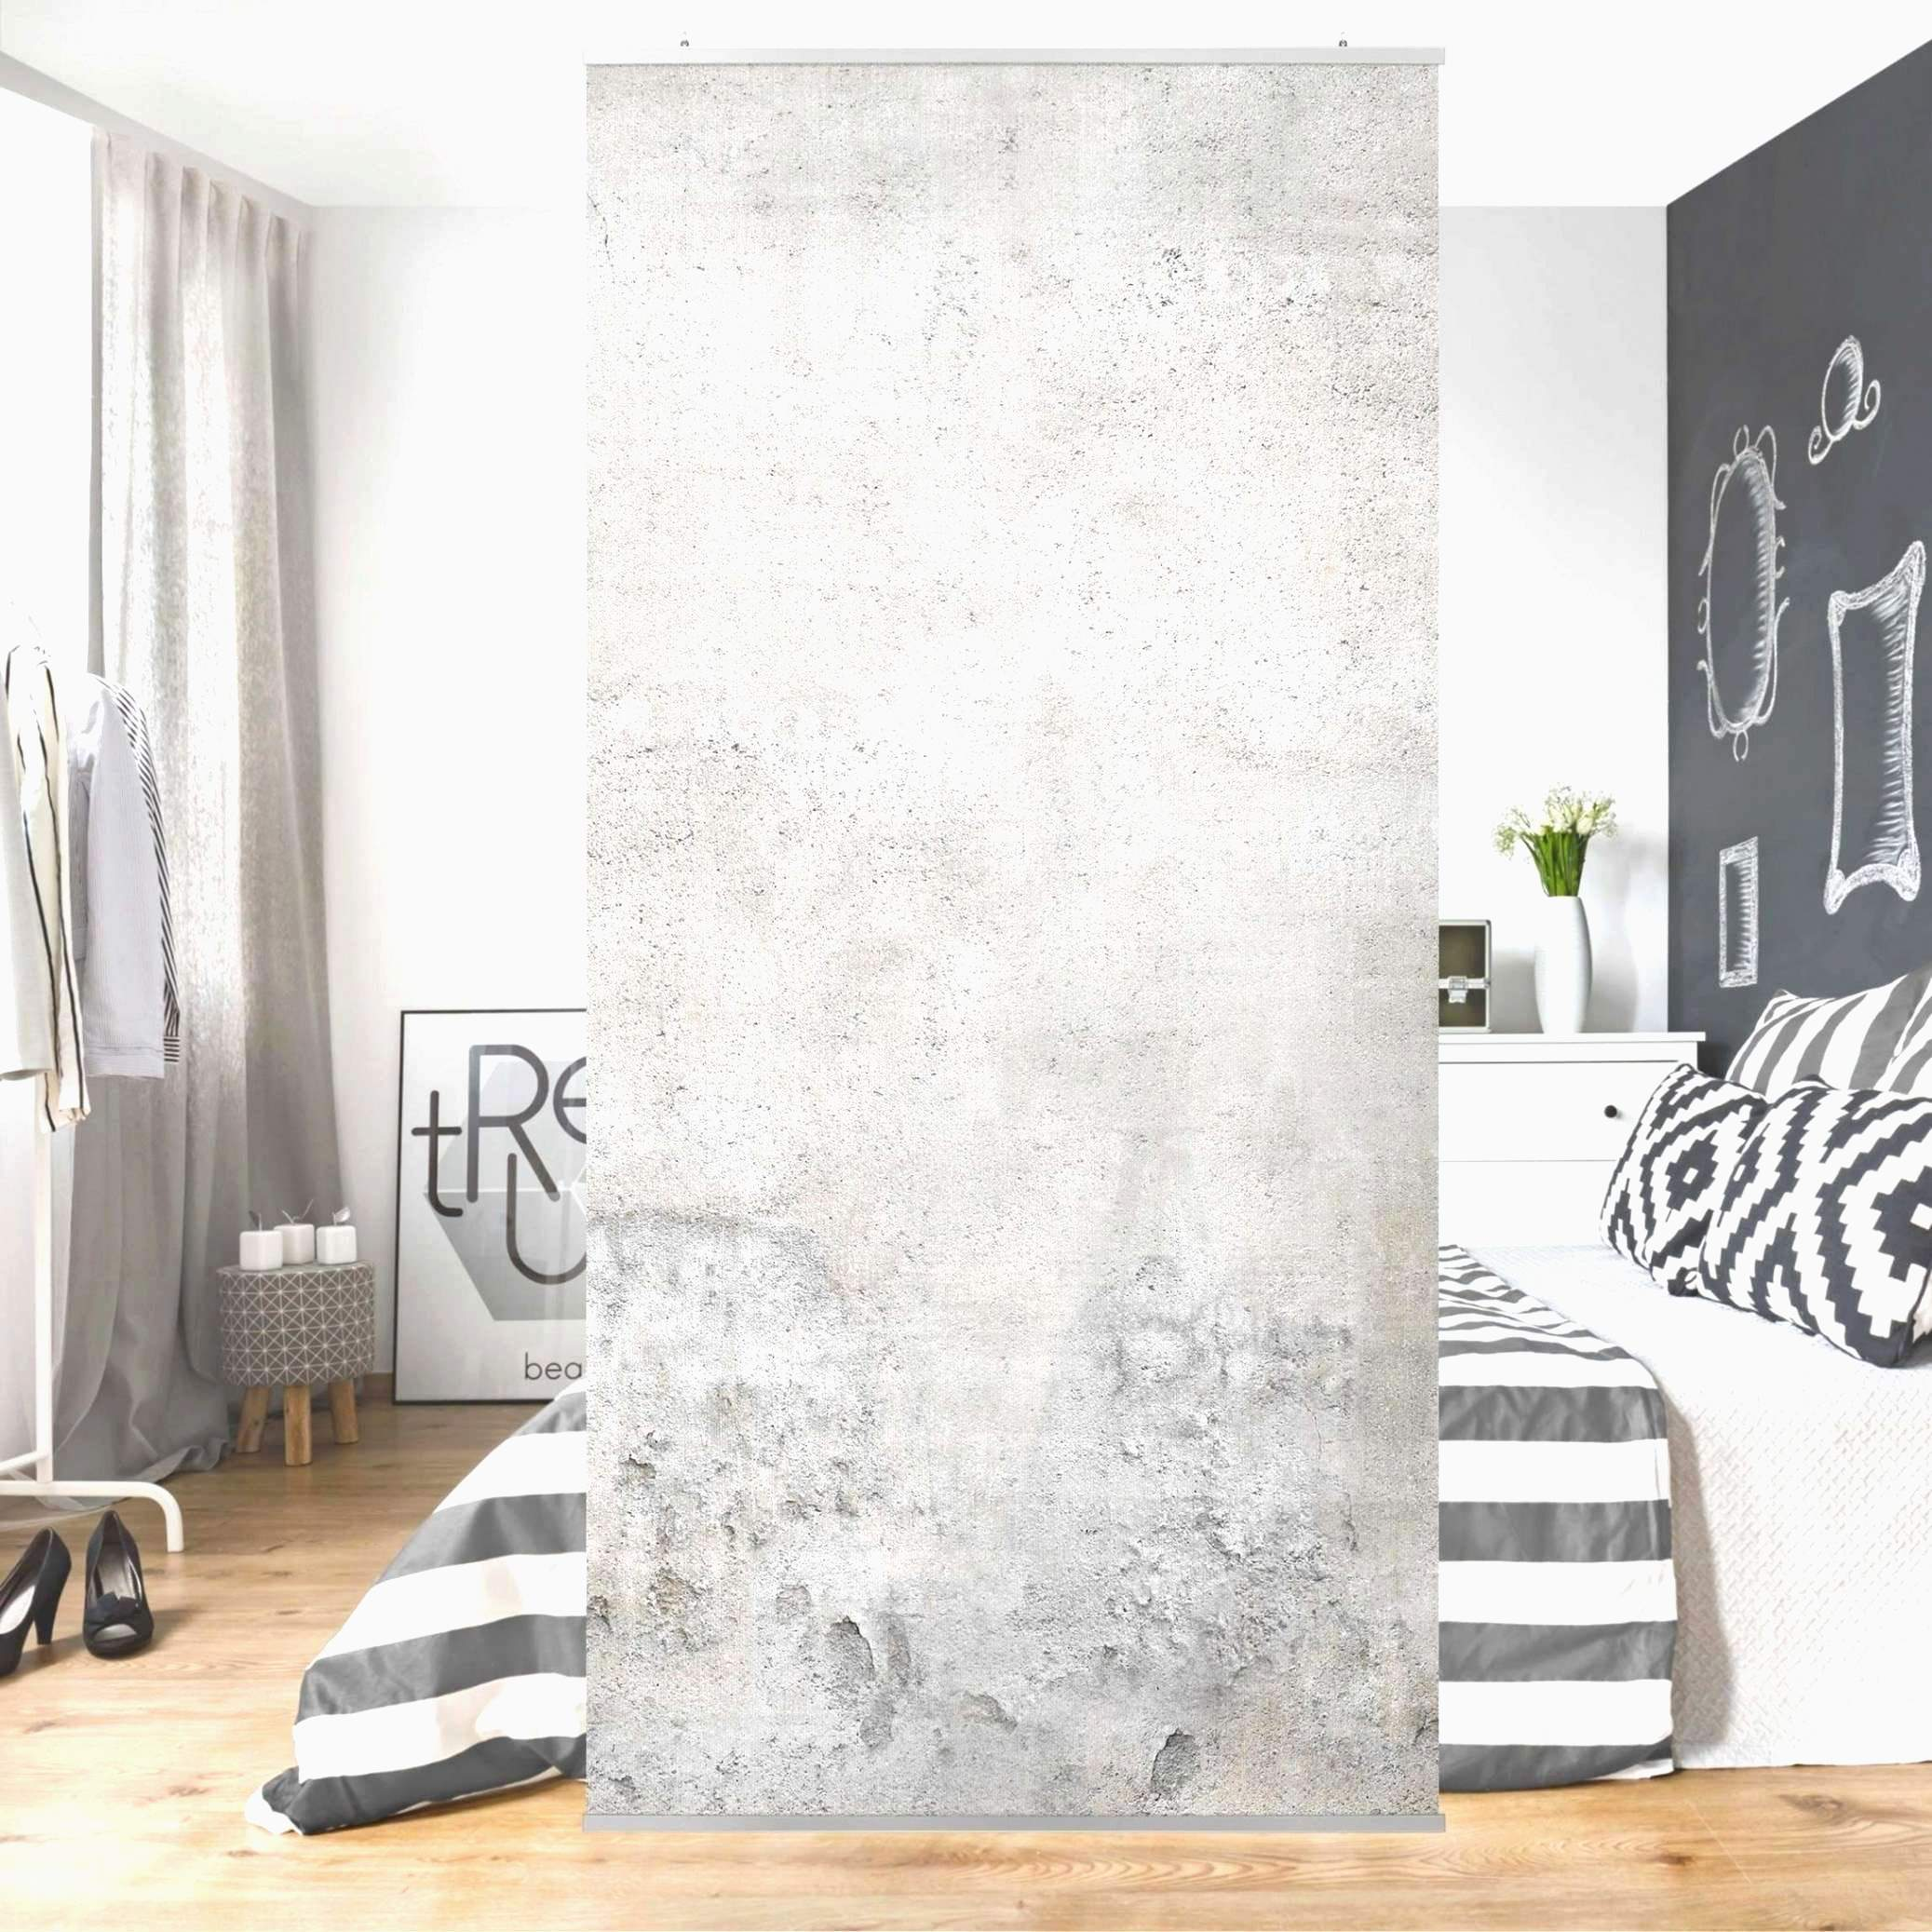 Deko Ideen Für Garten Best Of 36 Inspirierend Ideen Für Wohnzimmer Genial